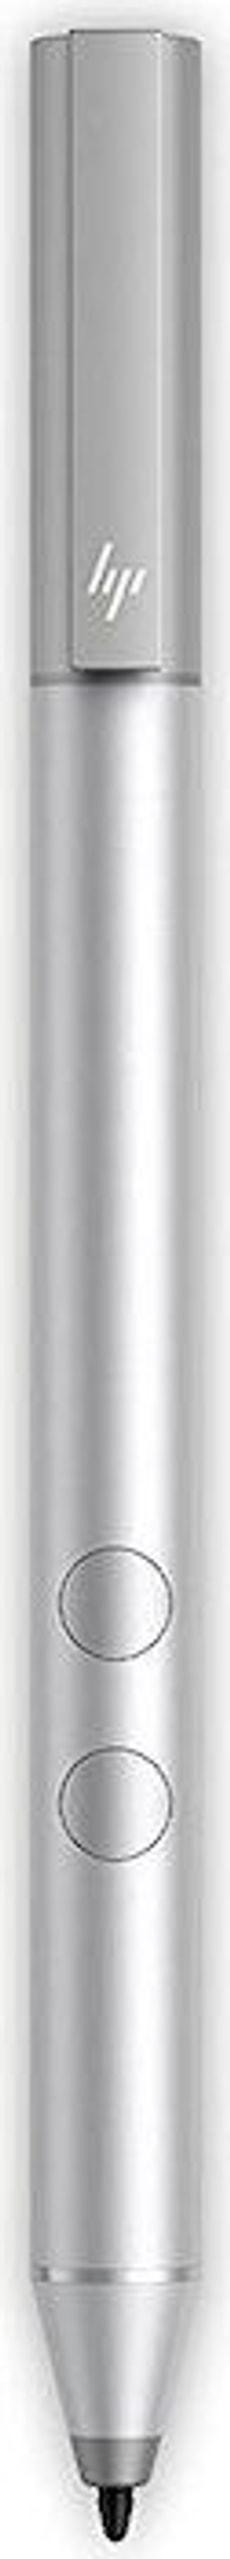 Active Pen pour Spectre argent